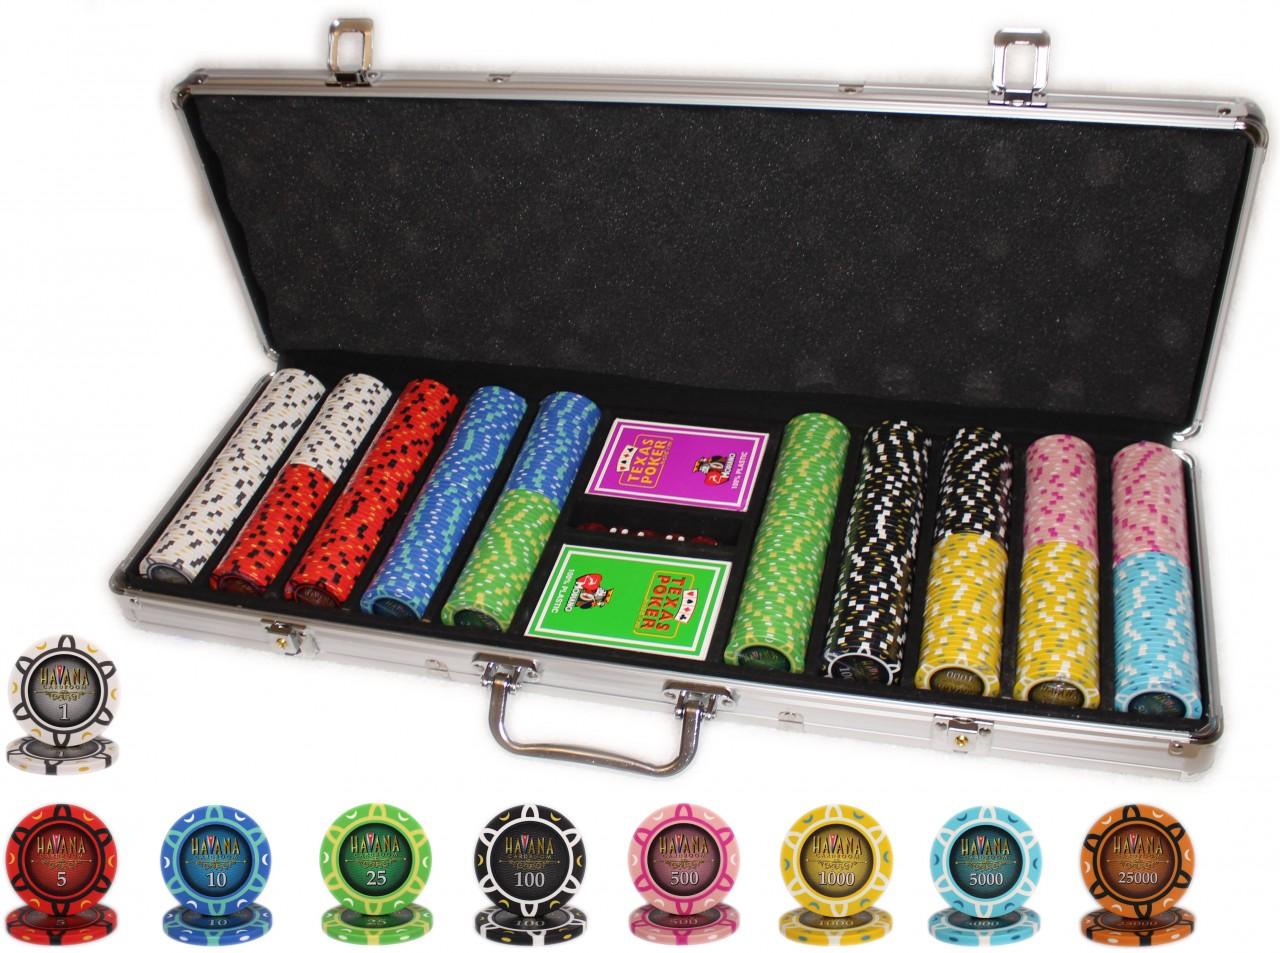 Покерный набор Havana 500